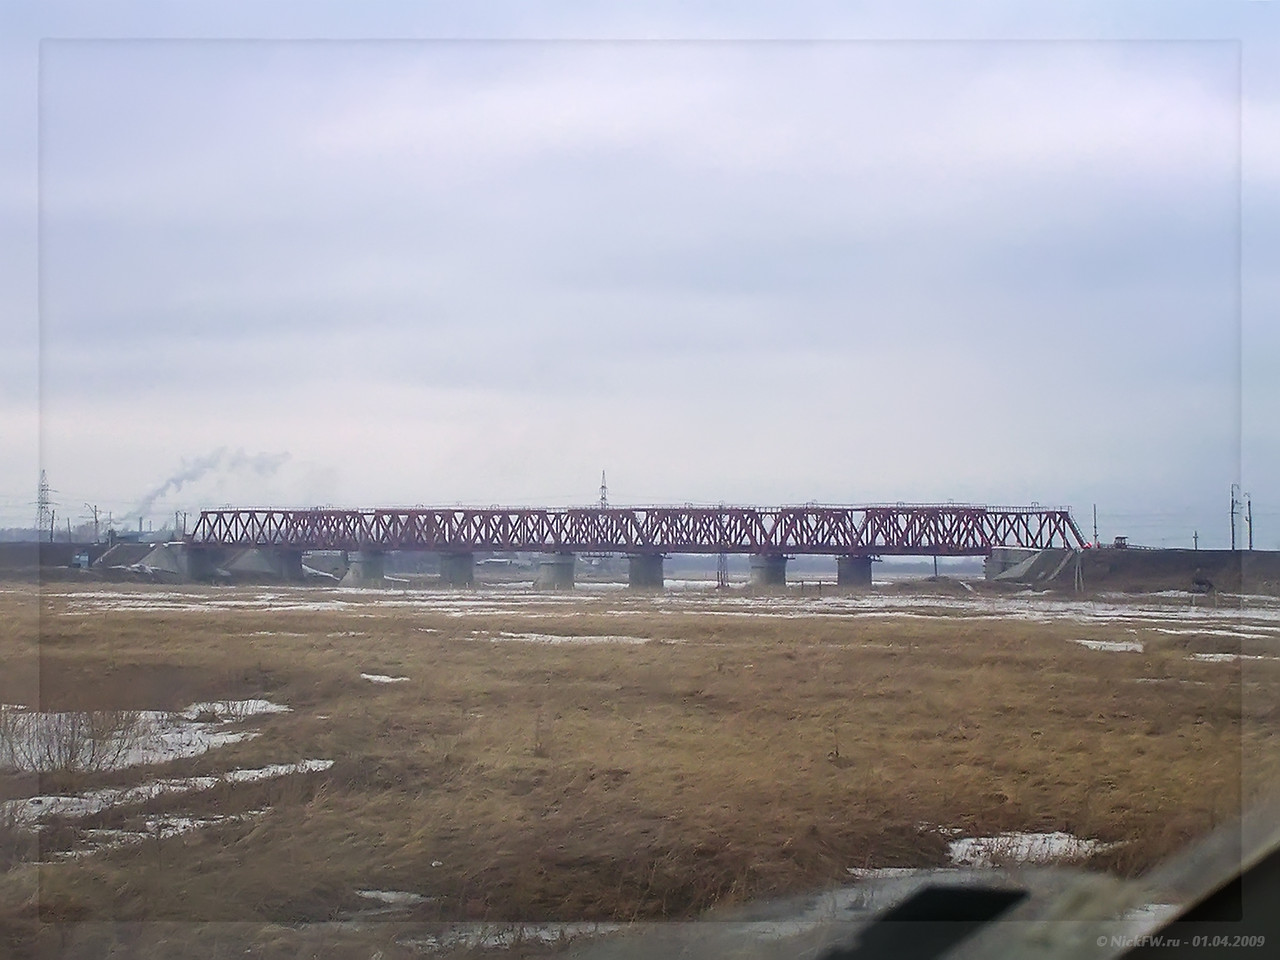 ЖД мост Транссиба через Кию (© NickFW - 01.04.2009)